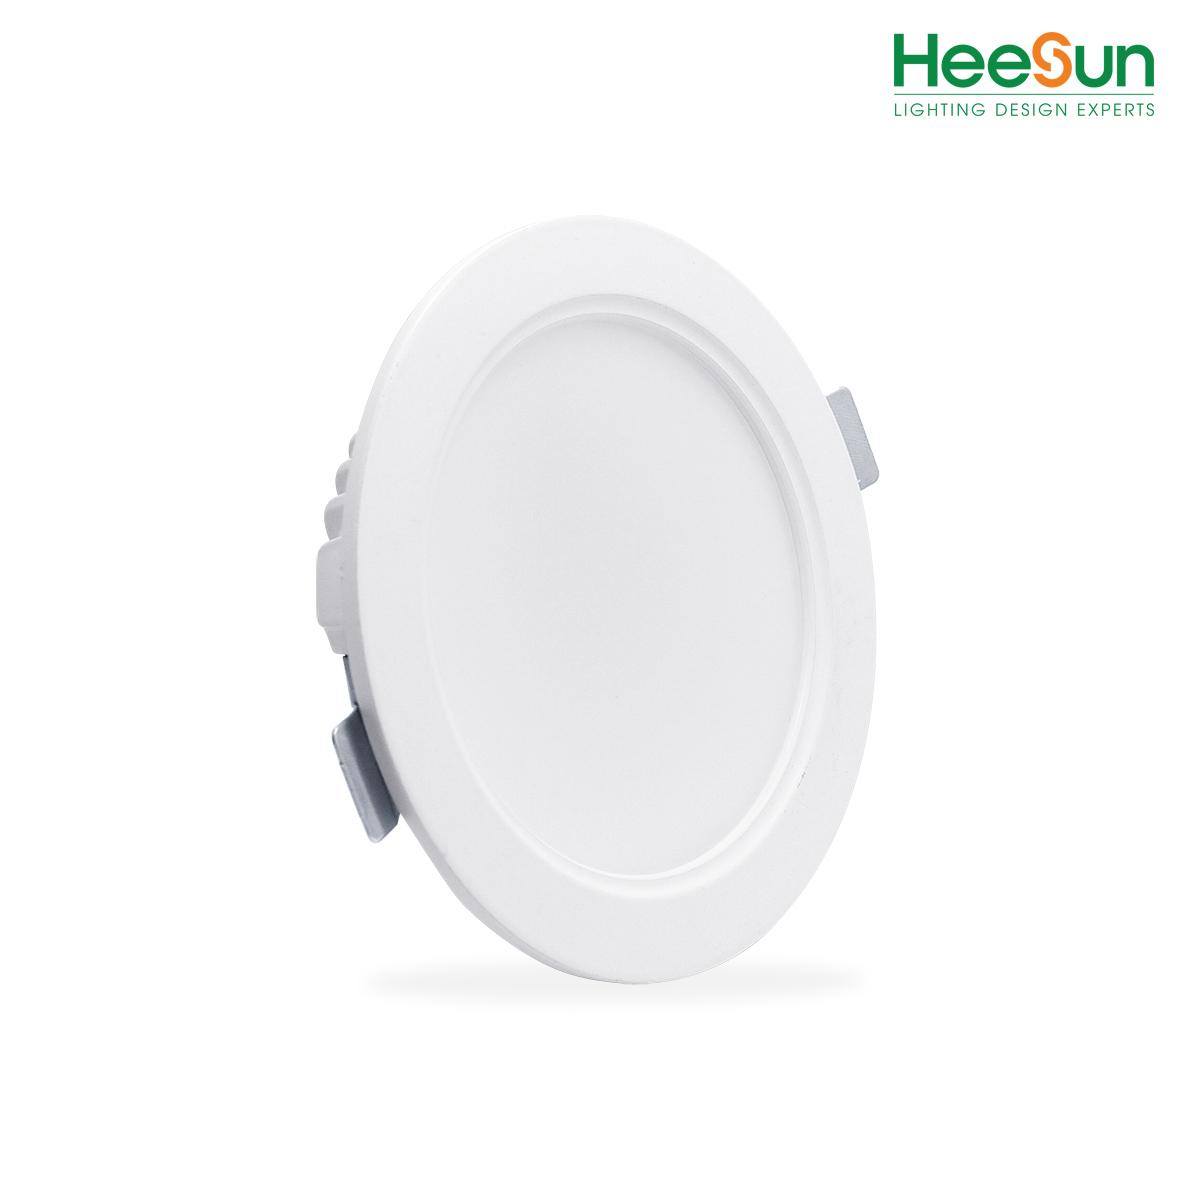 Đèn LED âm trần đế đúc viền đơn HS-DVD10 - HEESUN VIỆT NAM